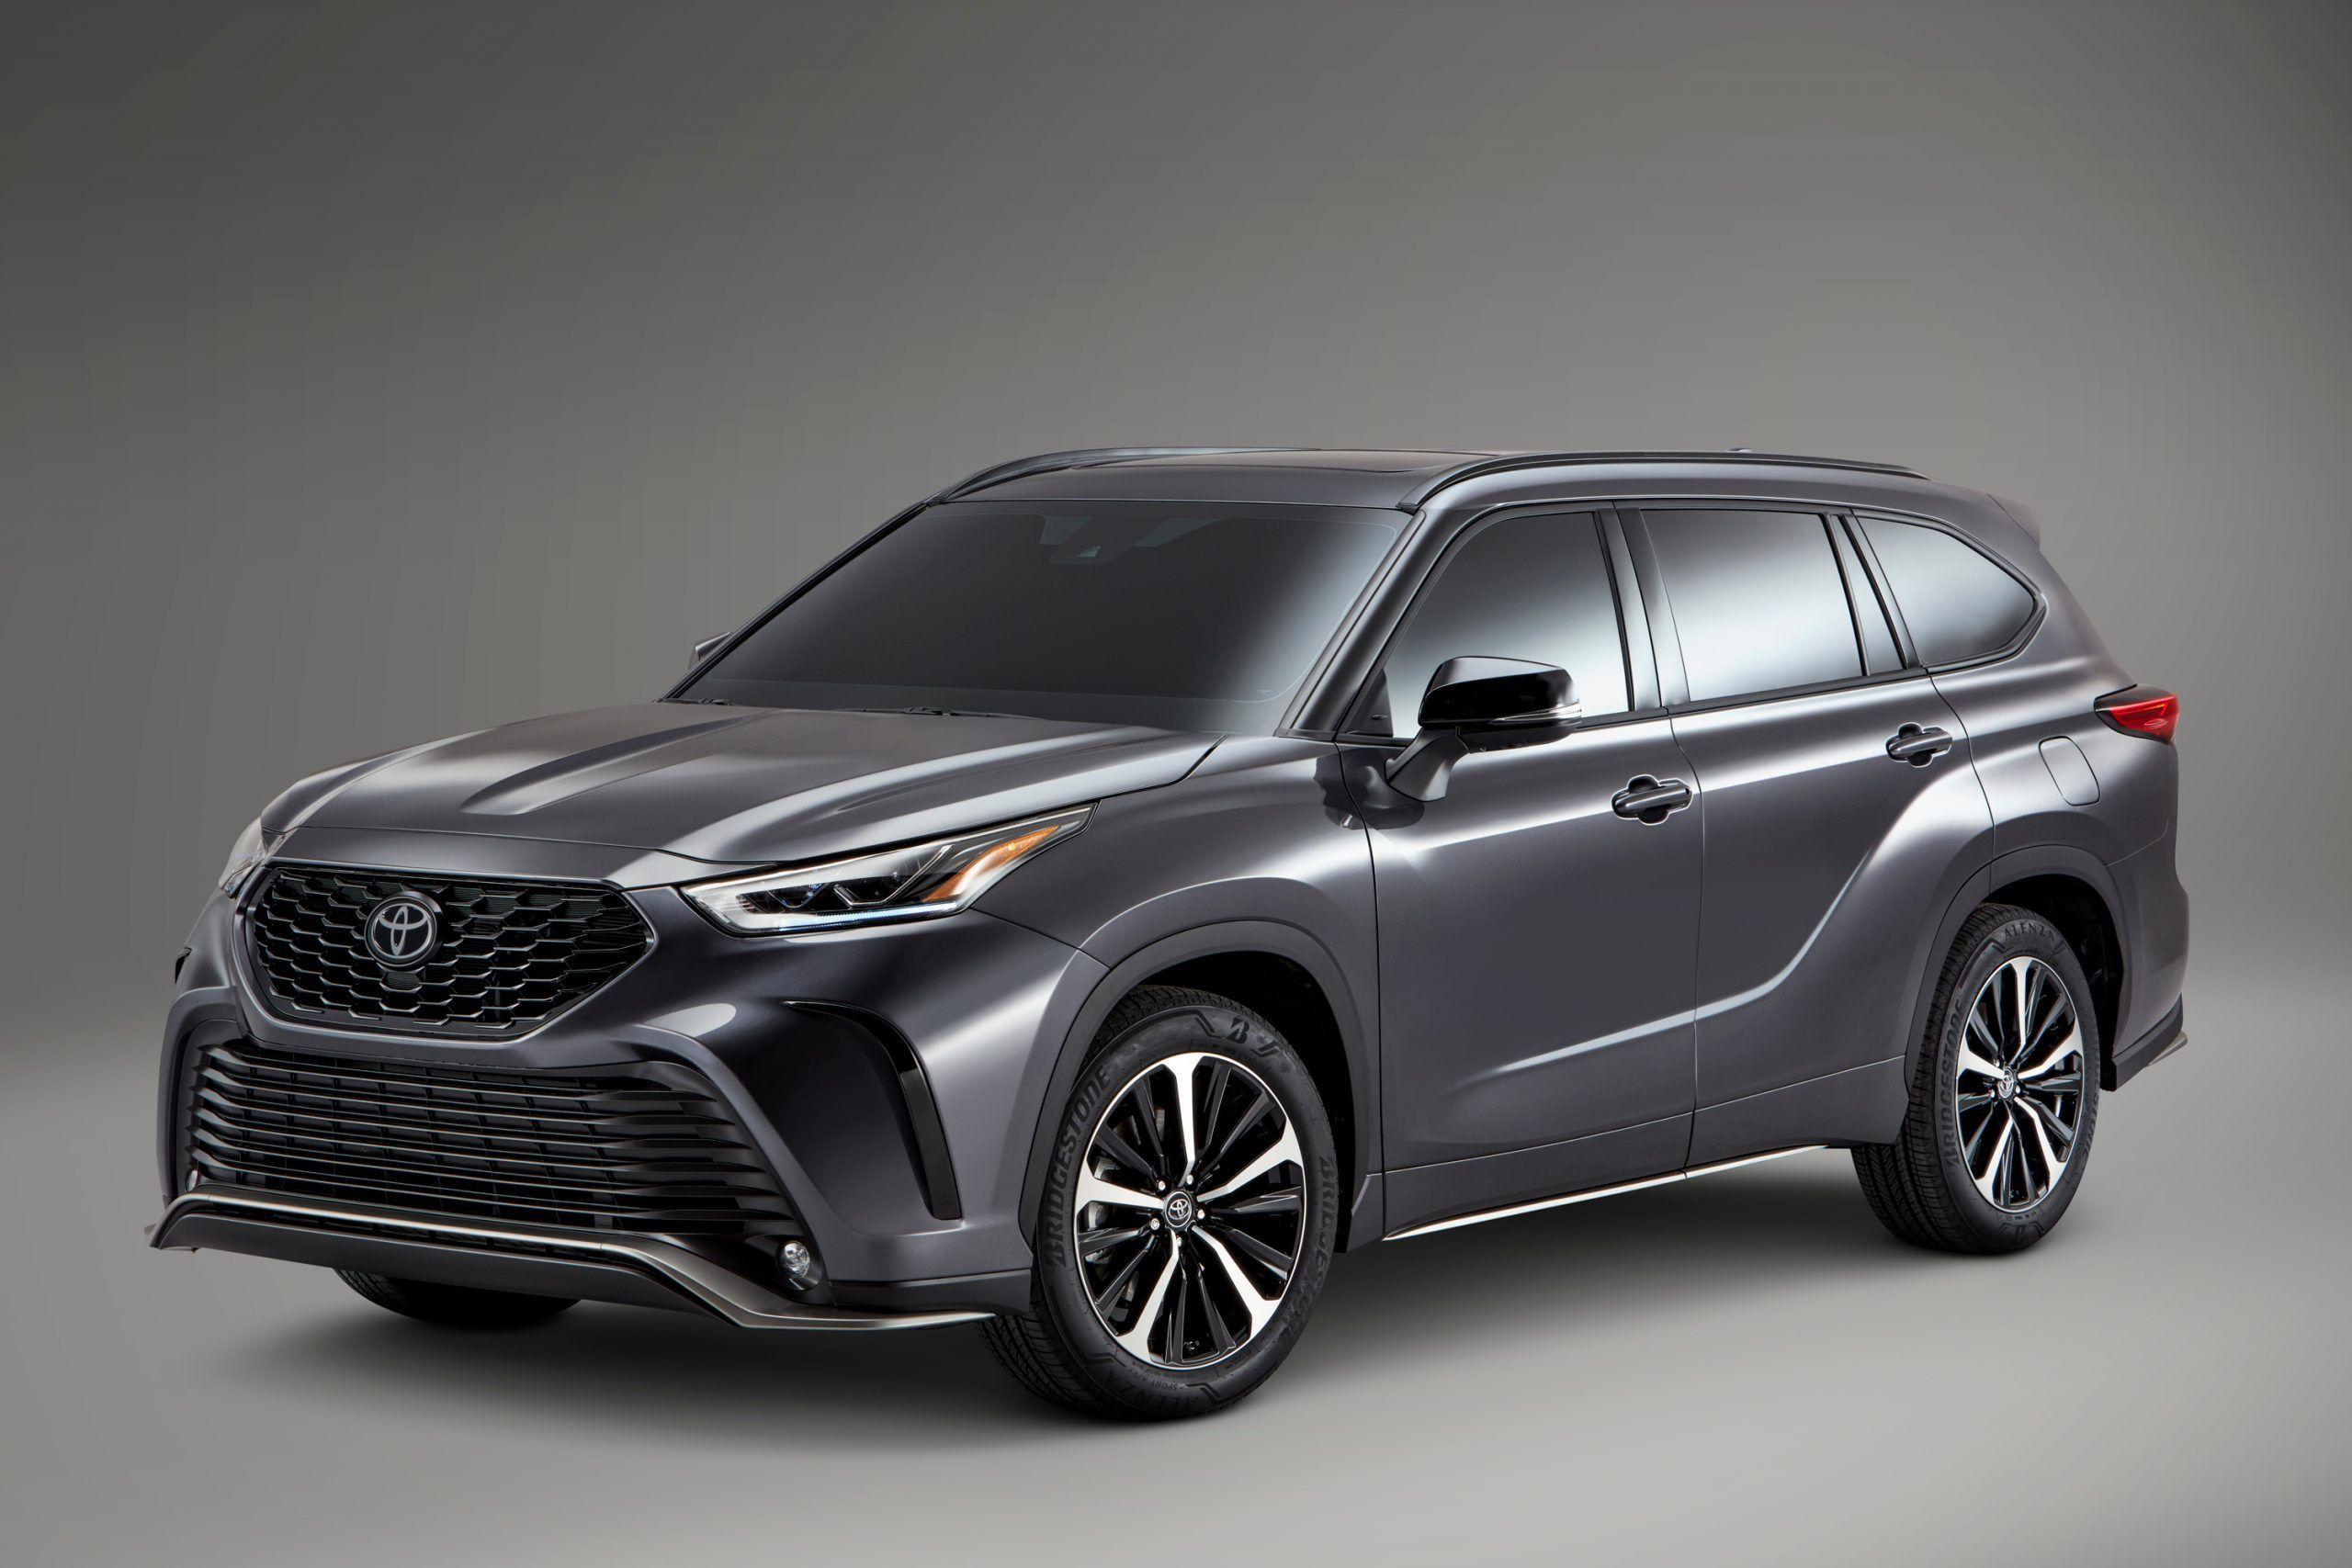 2021 Toyota Highlander Xse In 2020 Toyota Highlander New Suv Toyota